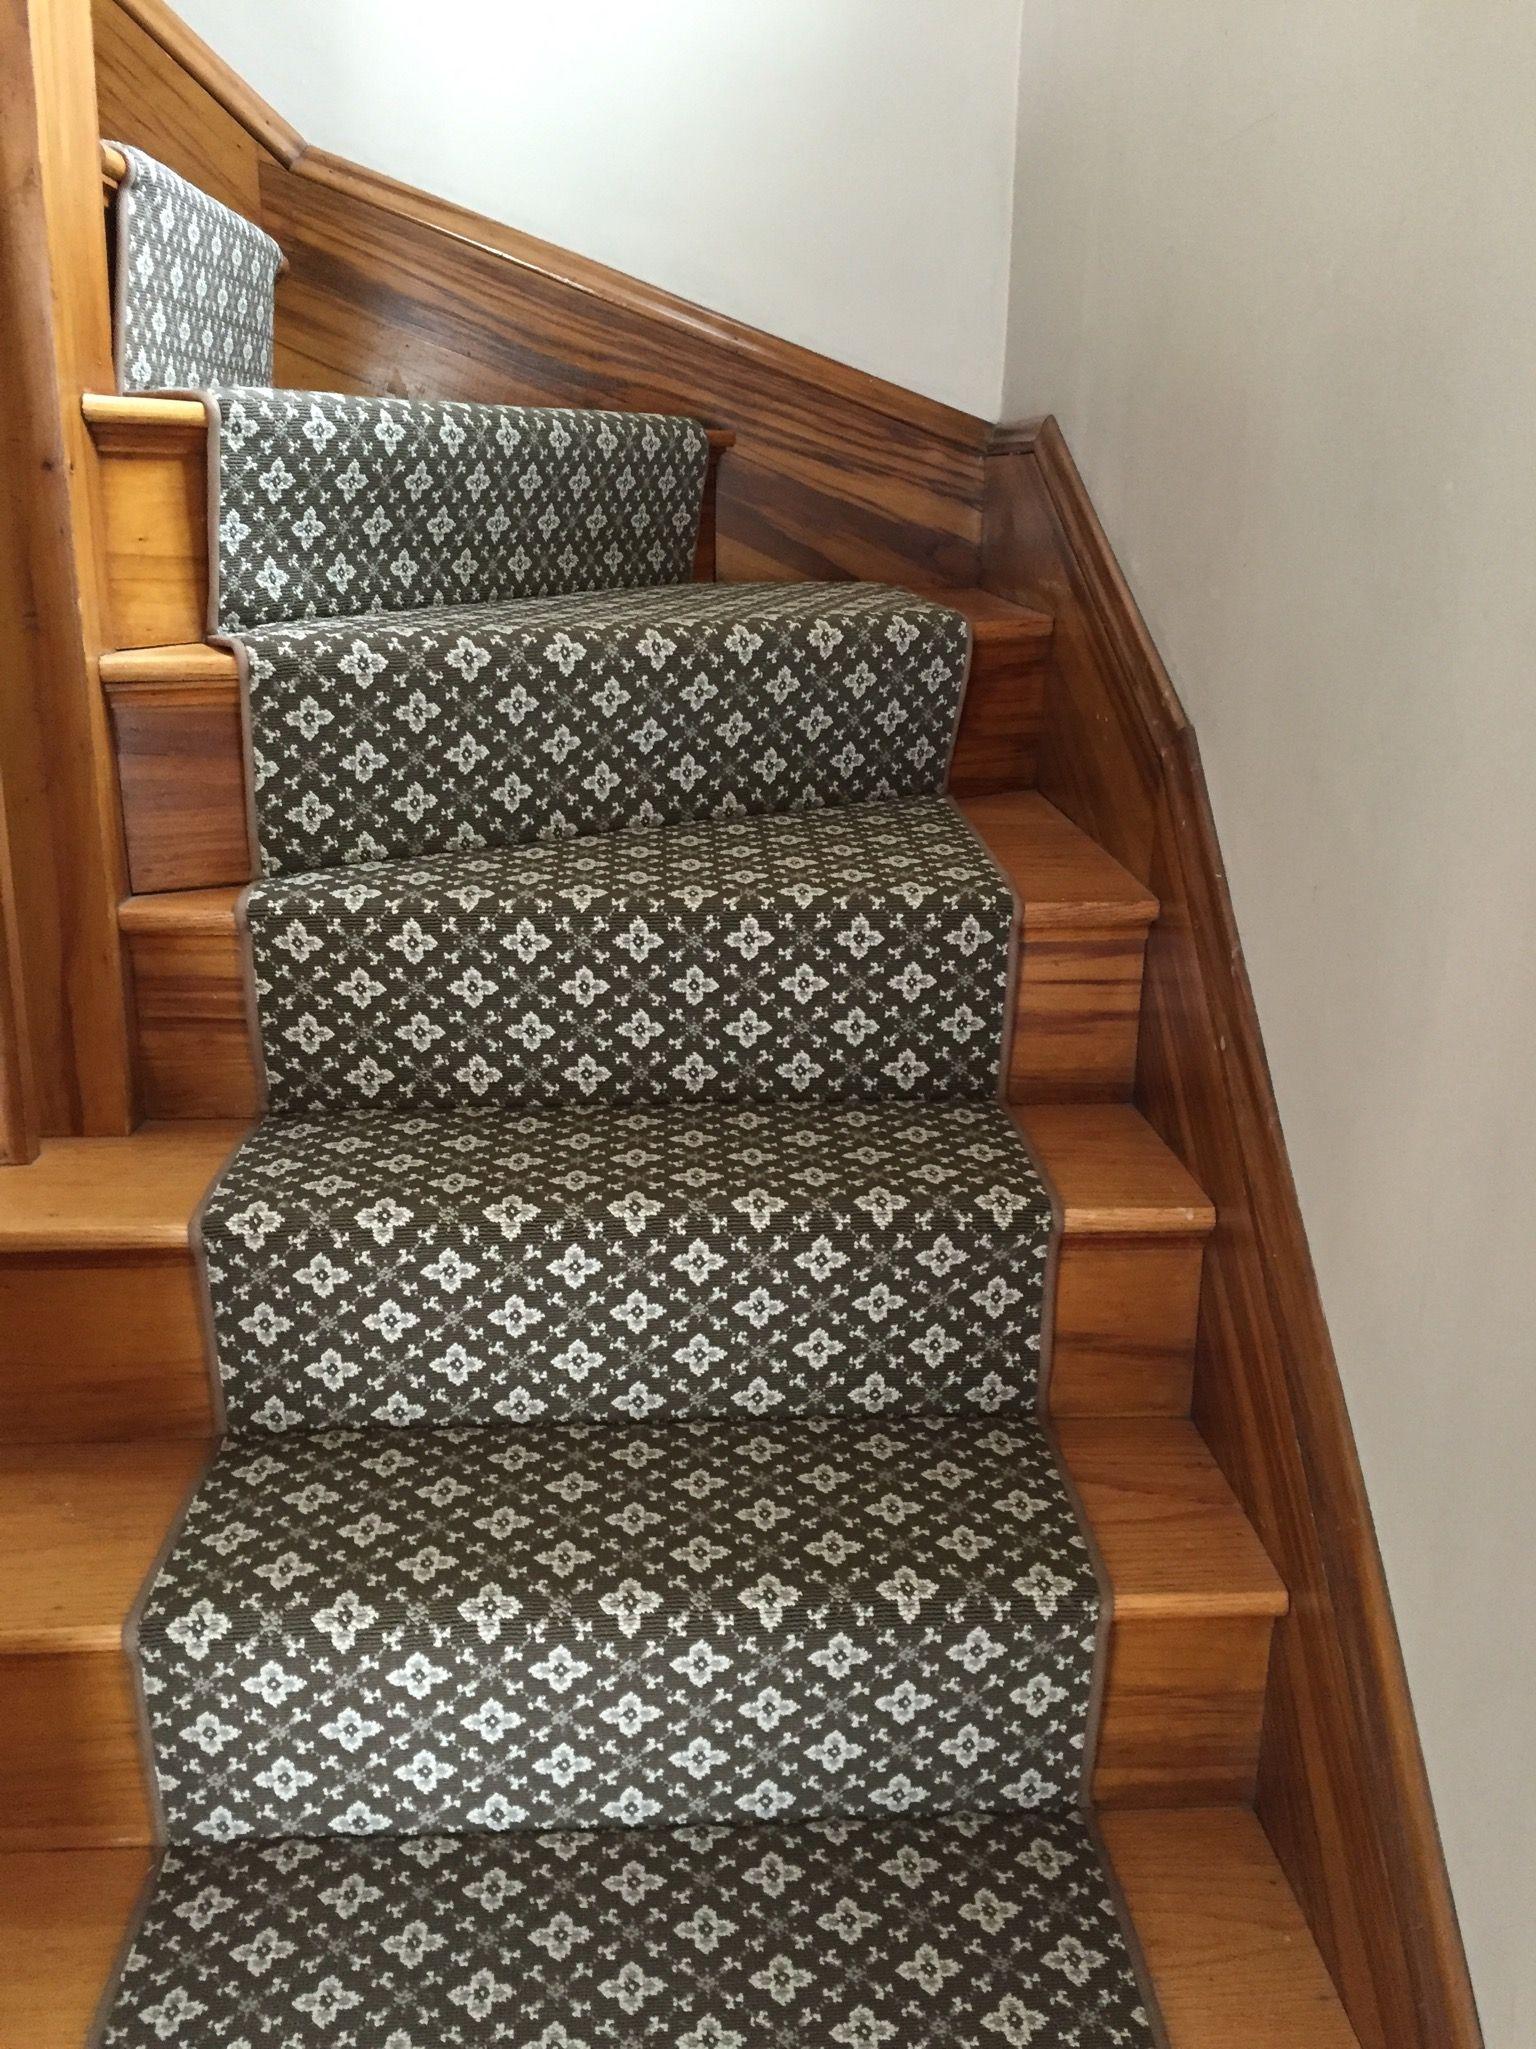 Pin By The Carpet Workroom On Stair Runners With Pie Turns Landings Stair Runner Carpet Diy Carpet Stair Runner